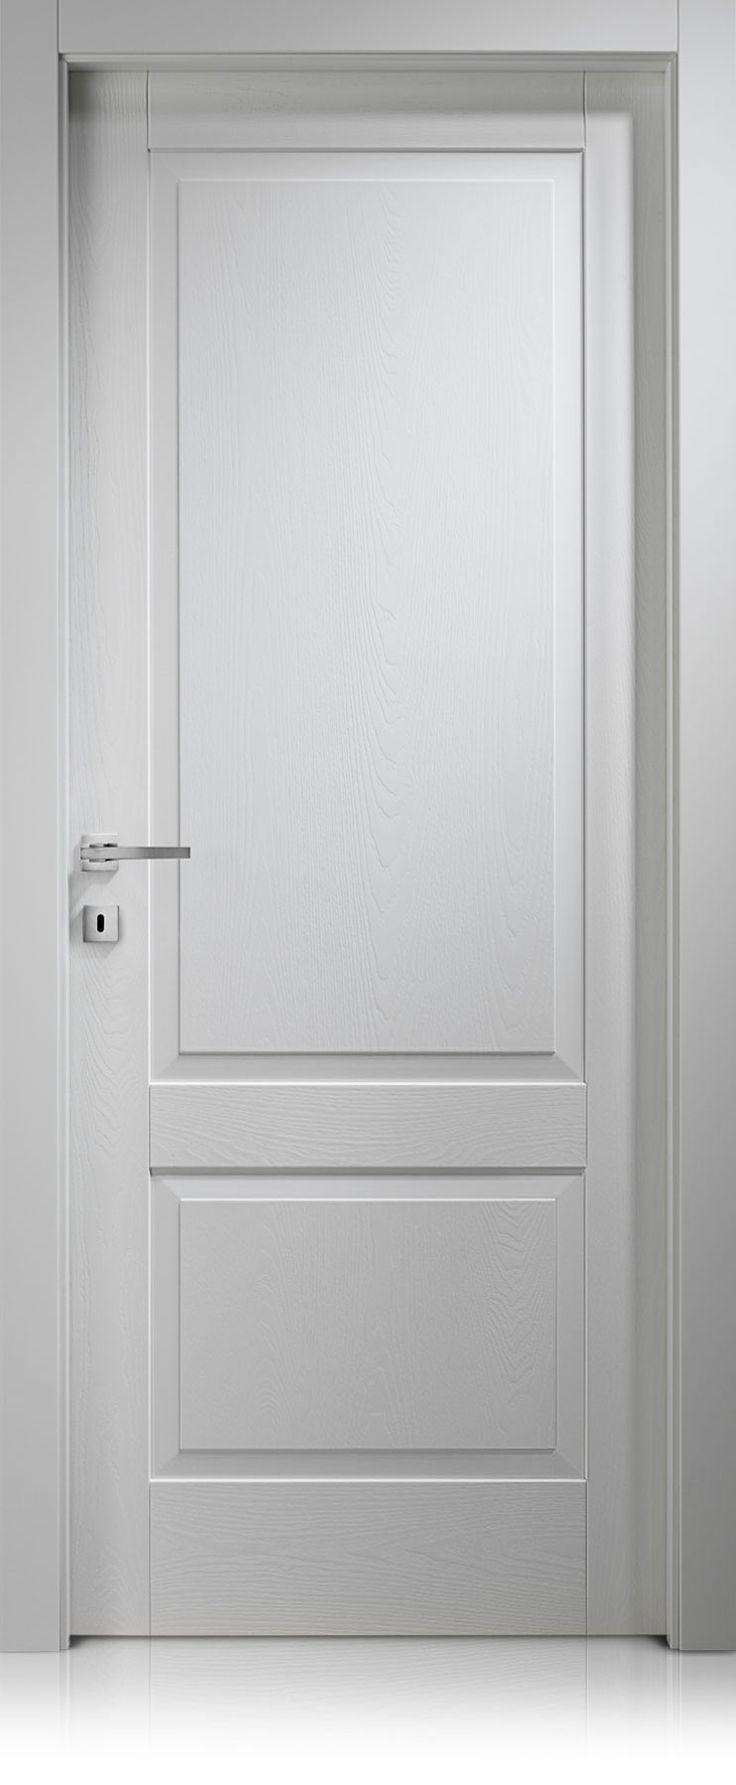 Oltre 25 fantastiche idee su porte bianche su pinterest - Porte con bugne ...